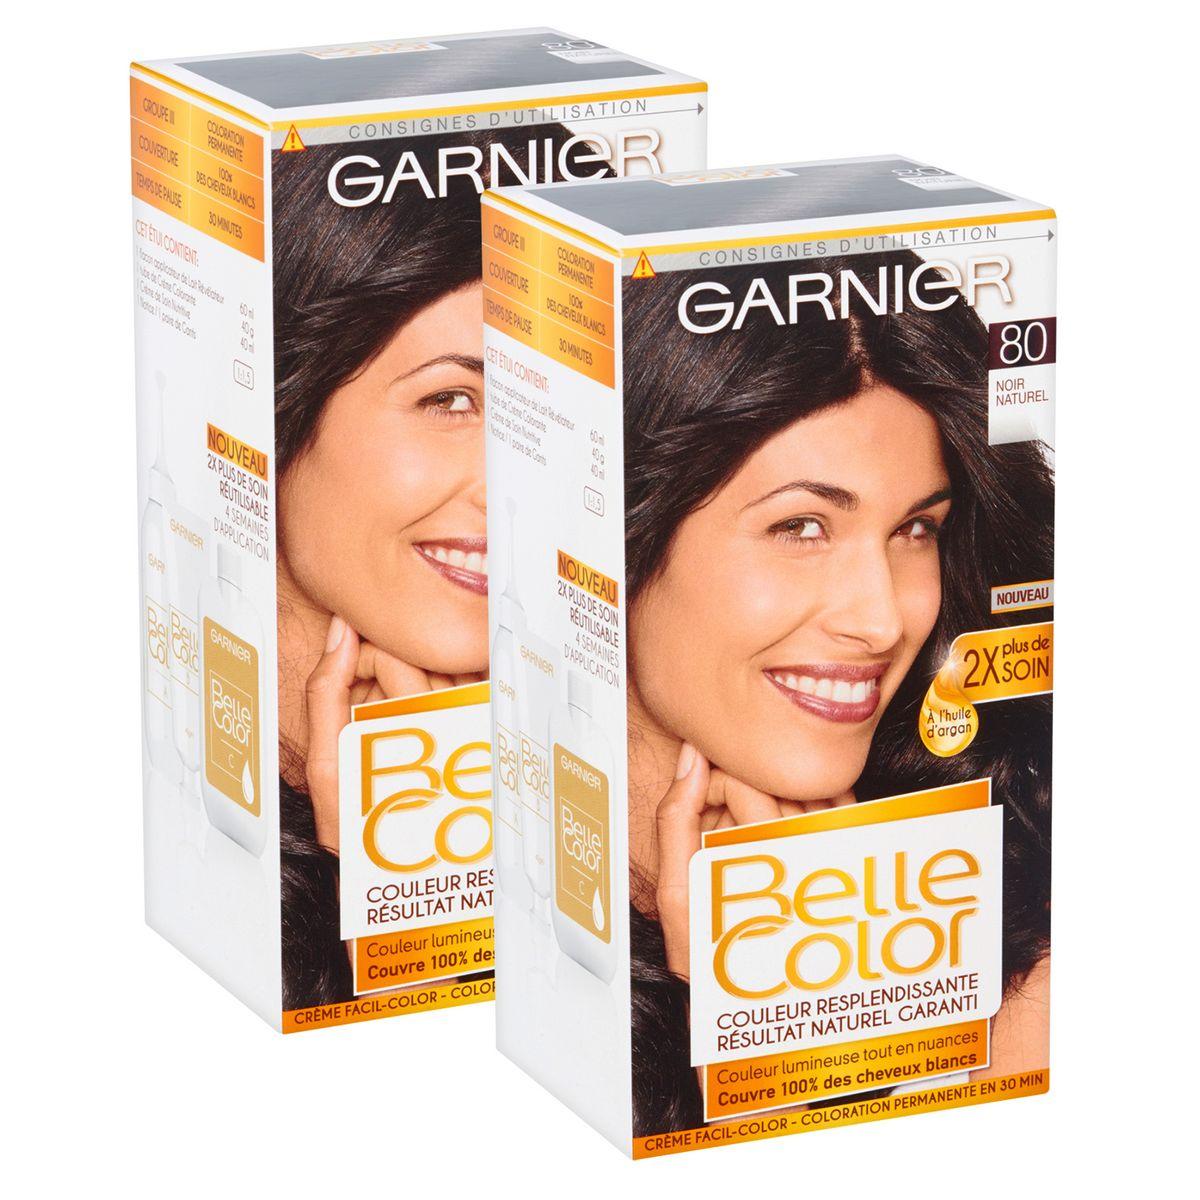 Garnier Belle Color coloration permanente 80 noir naturel x2